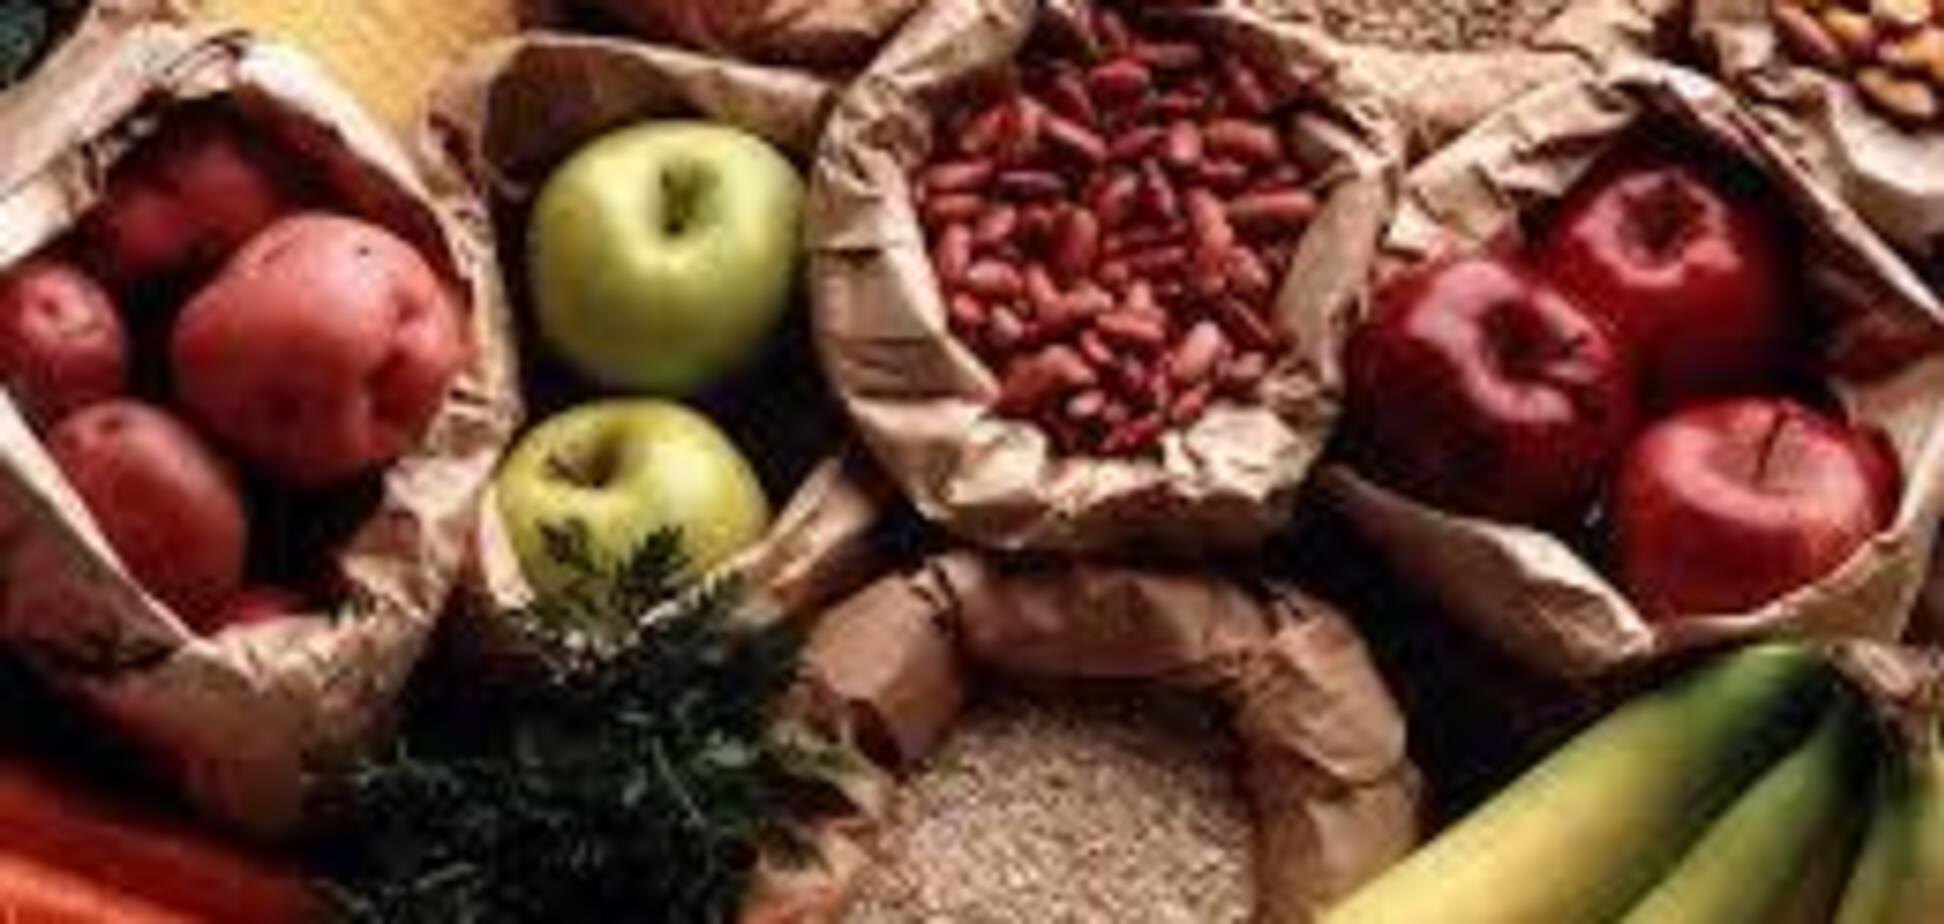 Чим корисний піст: що із продуктів можна їсти і кому